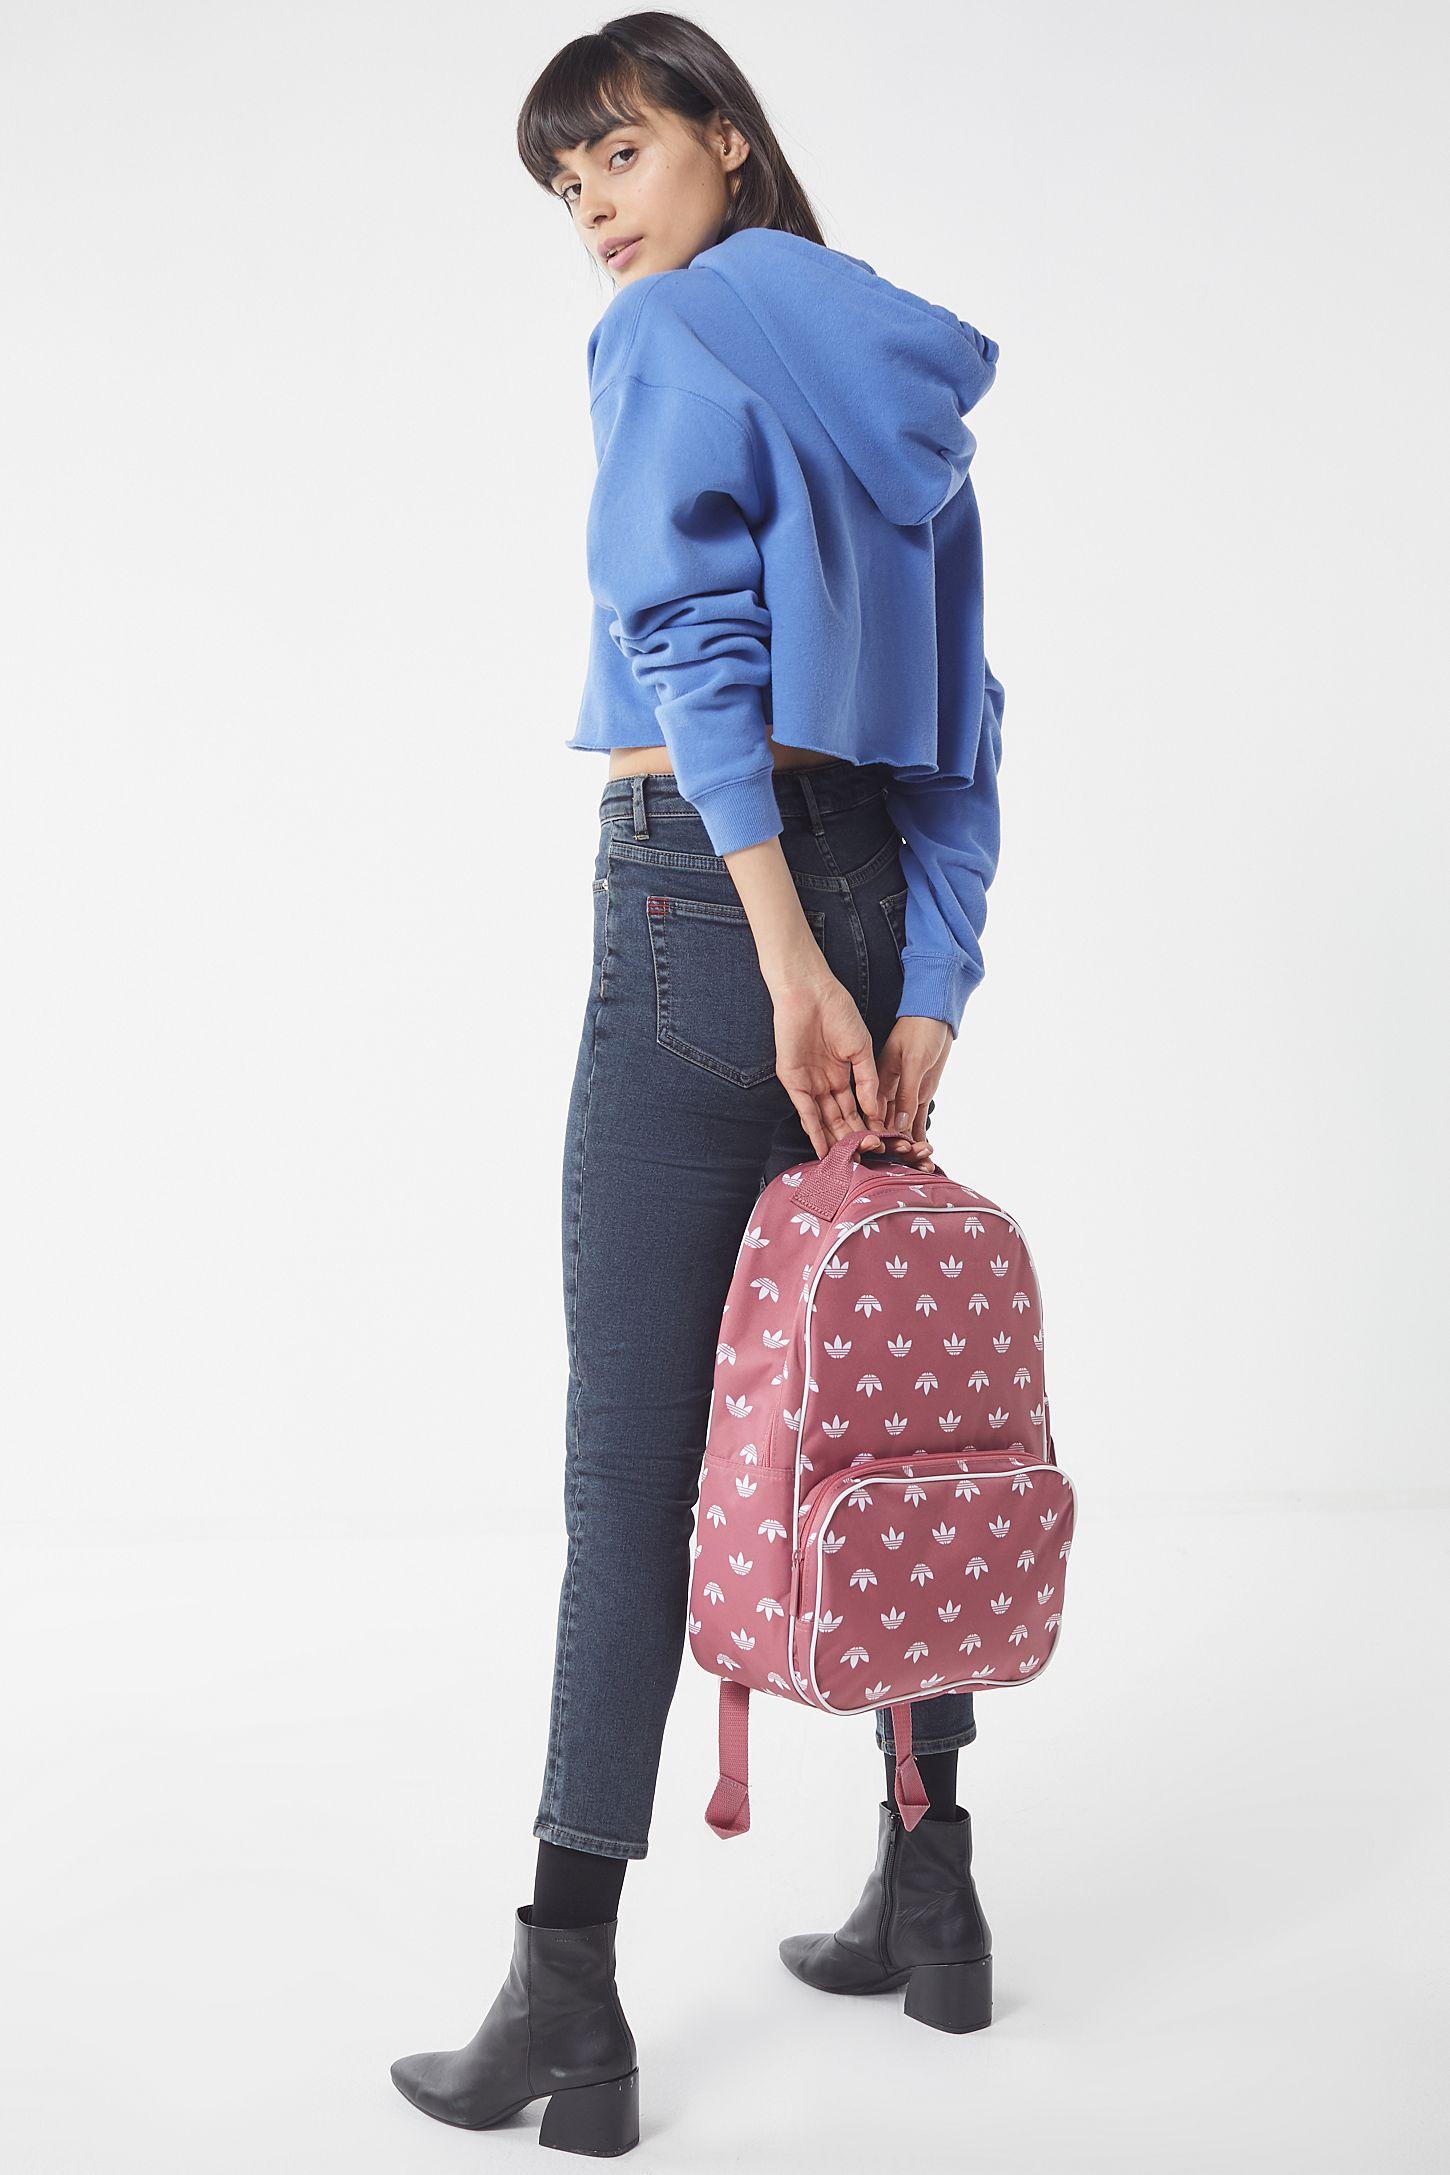 a265cc6340 adidas Originals Classic Backpack